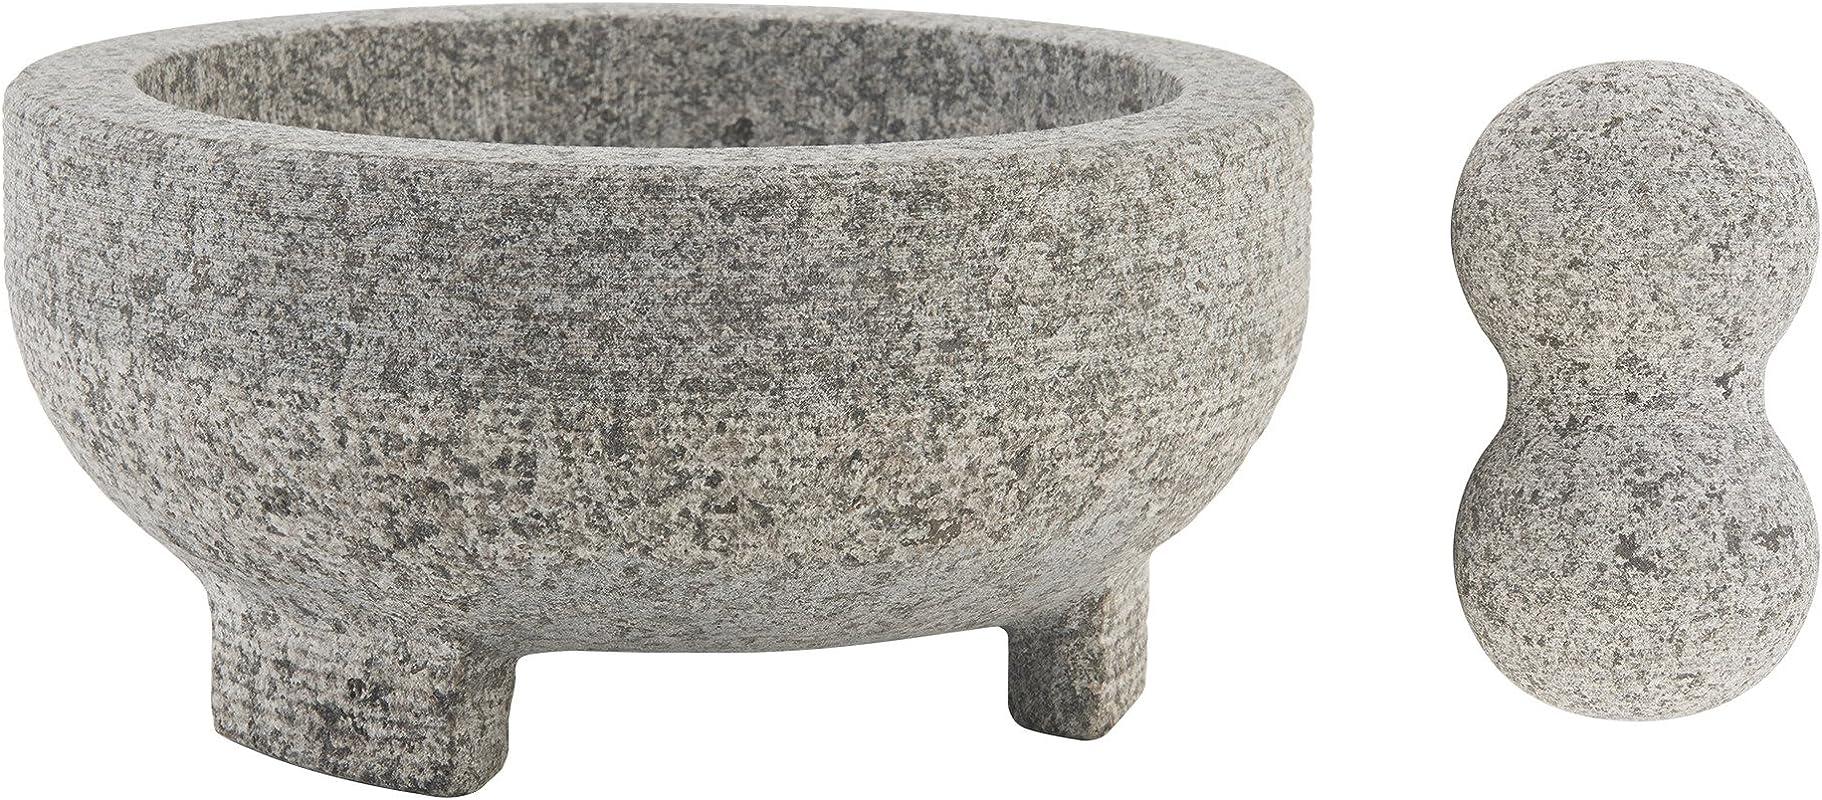 Farberware 5216415 Professional Granite Molcajete Mortar And Pestle Stone Grinder 4 Cup